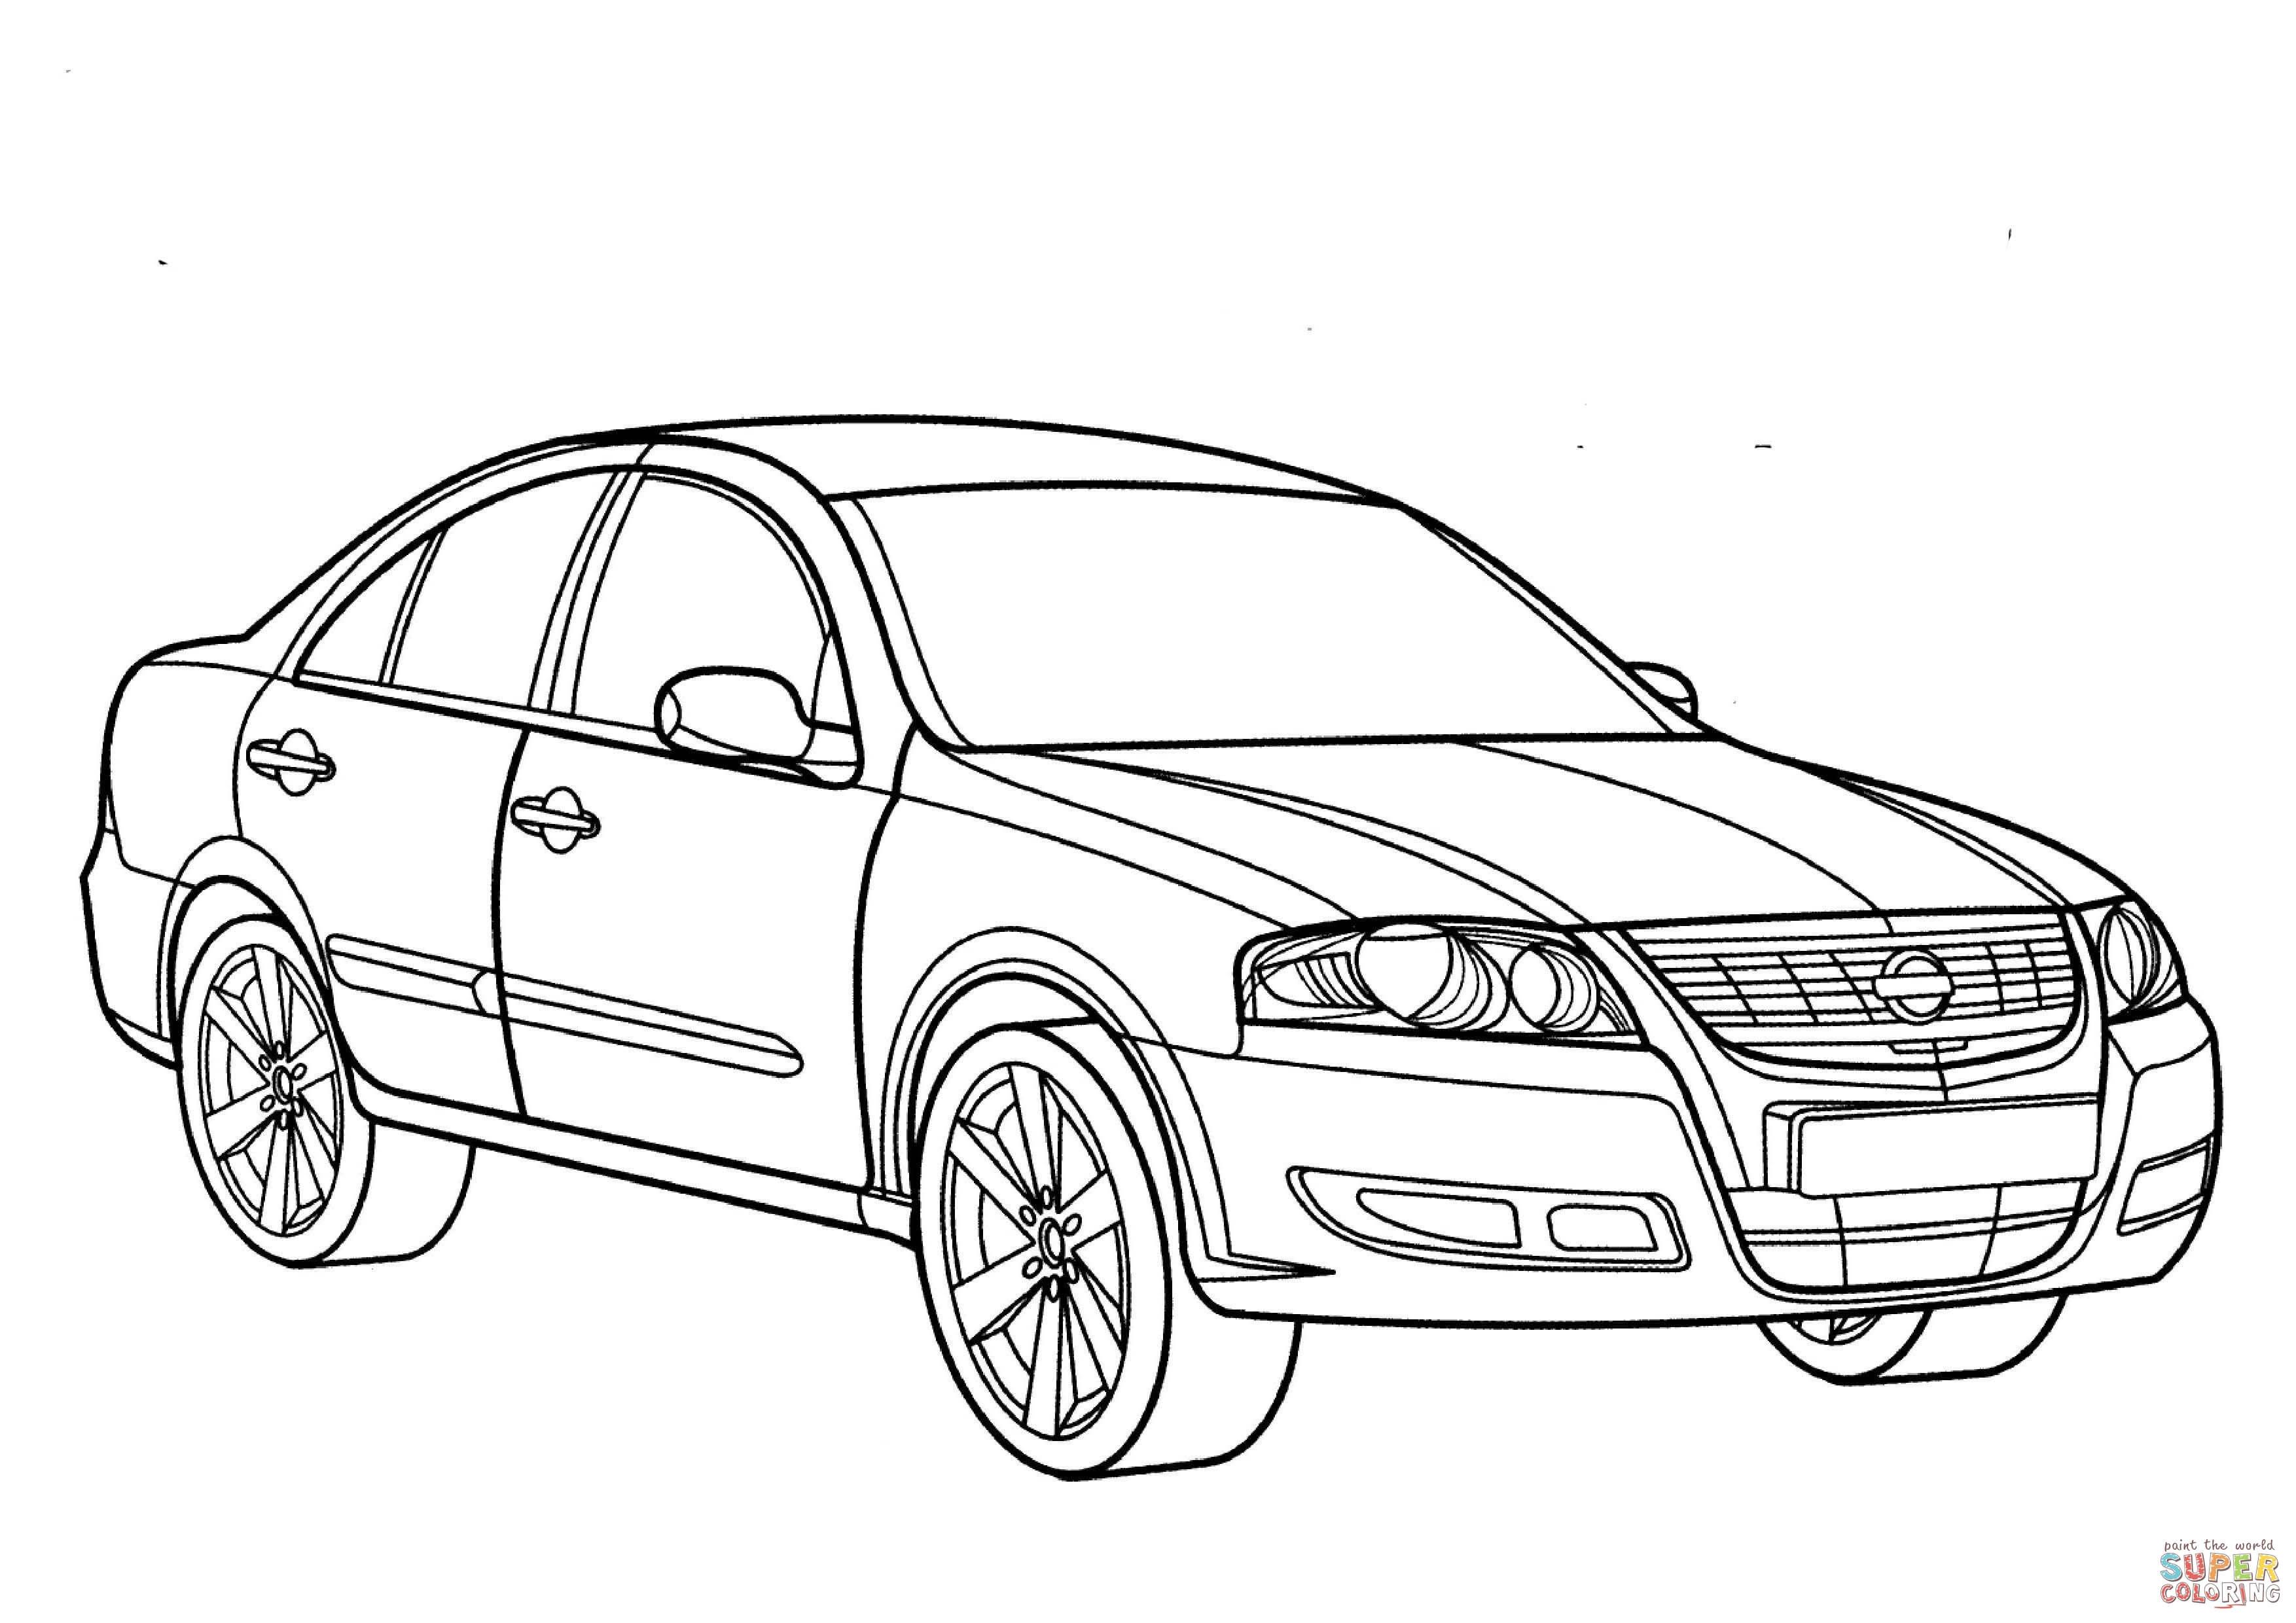 Dibujo De Nissan Almera Para Colorear